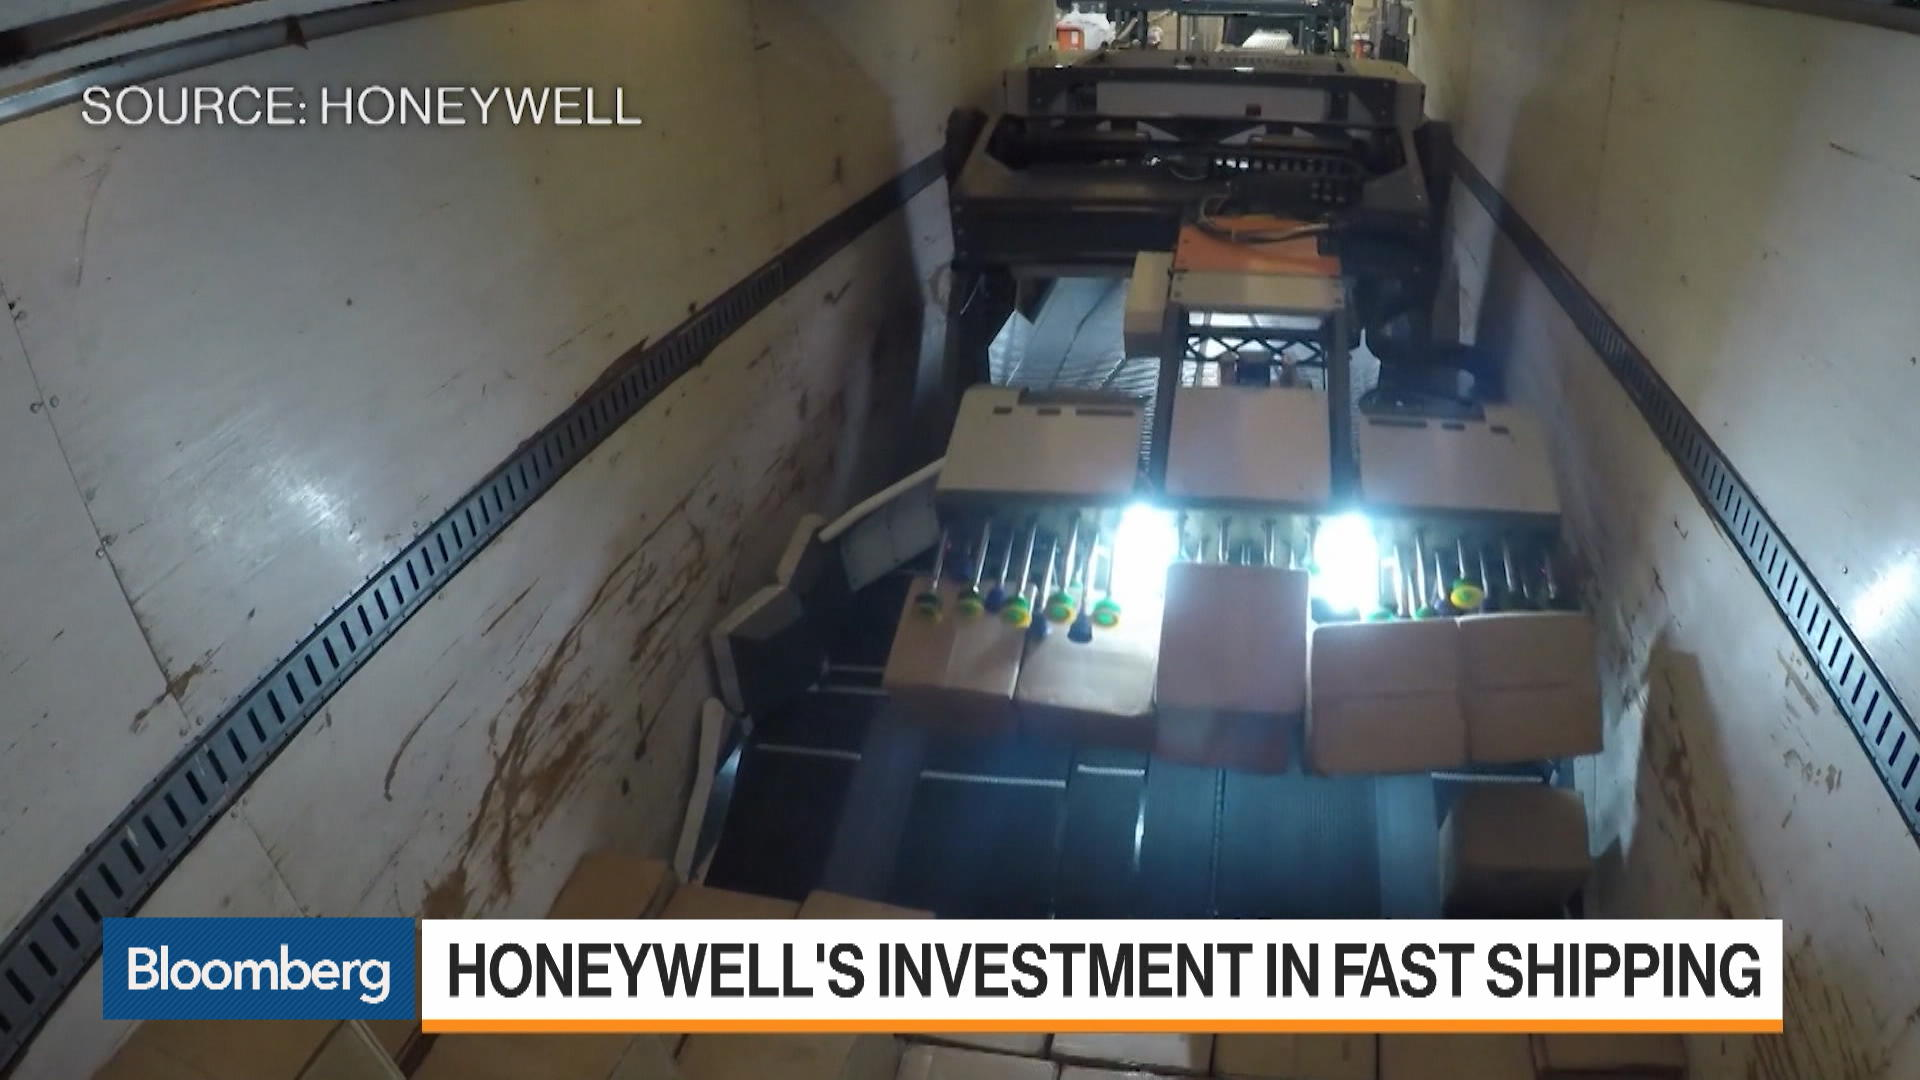 HON:New York Stock Quote - Honeywell International Inc